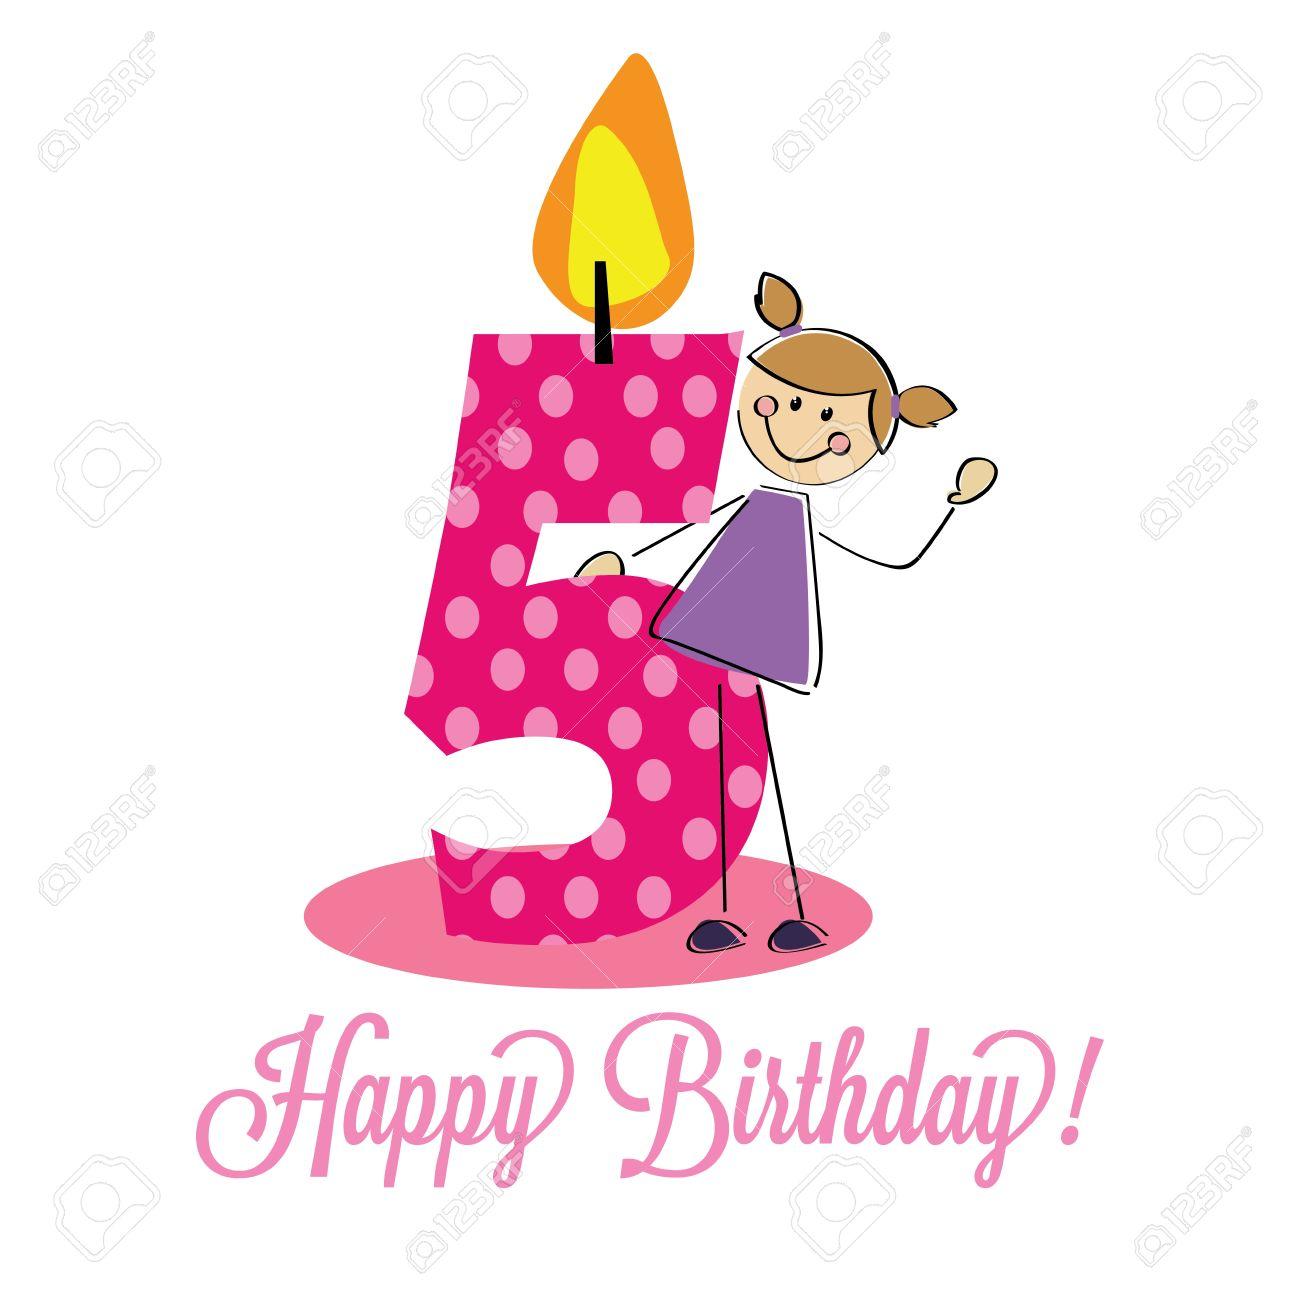 Carte De Joyeux Anniversaire De 5 Ans Celebration Clip Art Libres De Droits Vecteurs Et Illustration Image 20722356